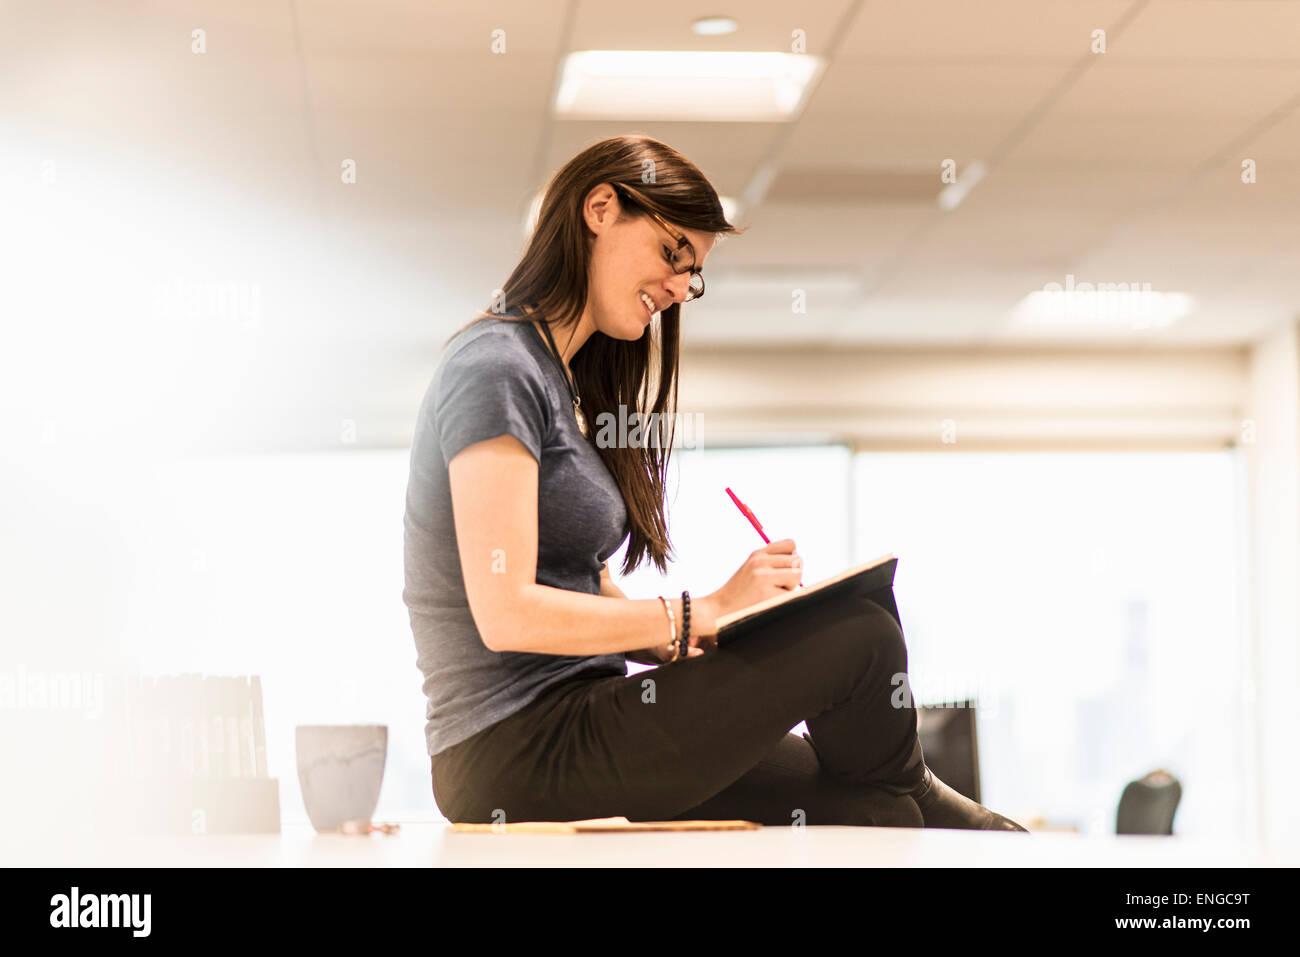 Une jeune femme assise sur son bureau par écrit dans un cahier avec un stylo rouge. Banque D'Images